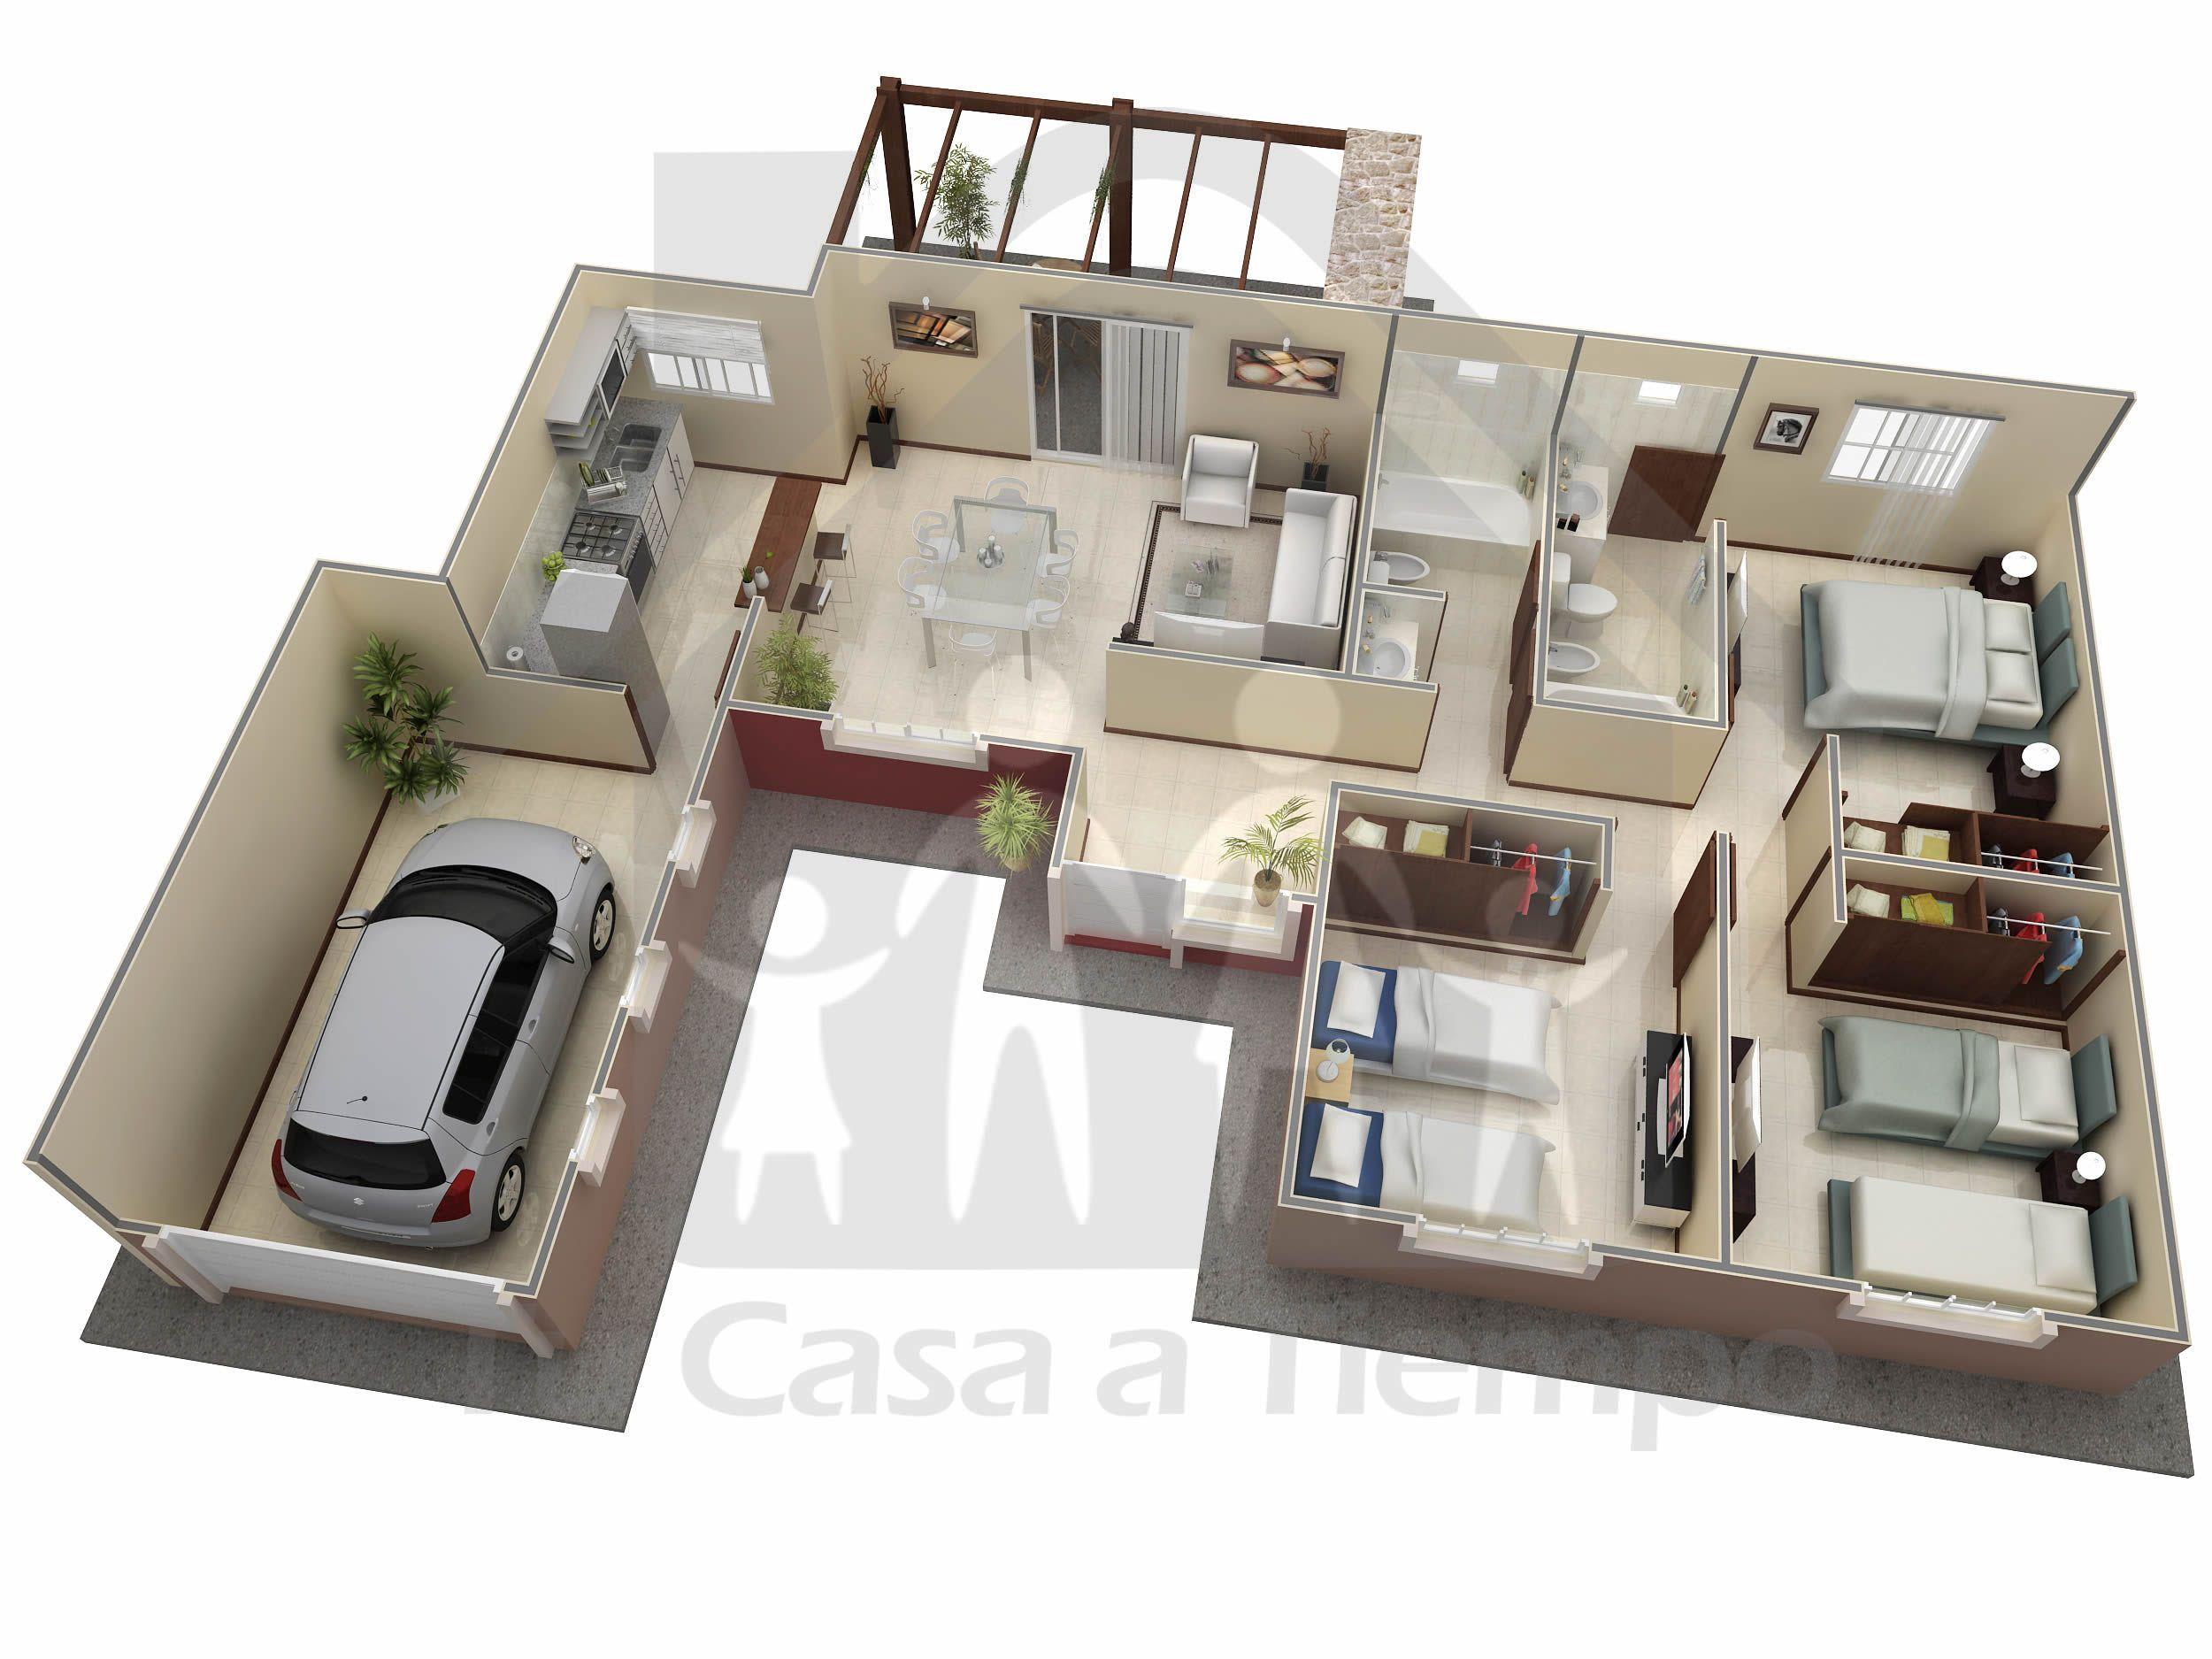 Tu casa a tiempo casa1 pinterest for Disena tu dormitorio 3d